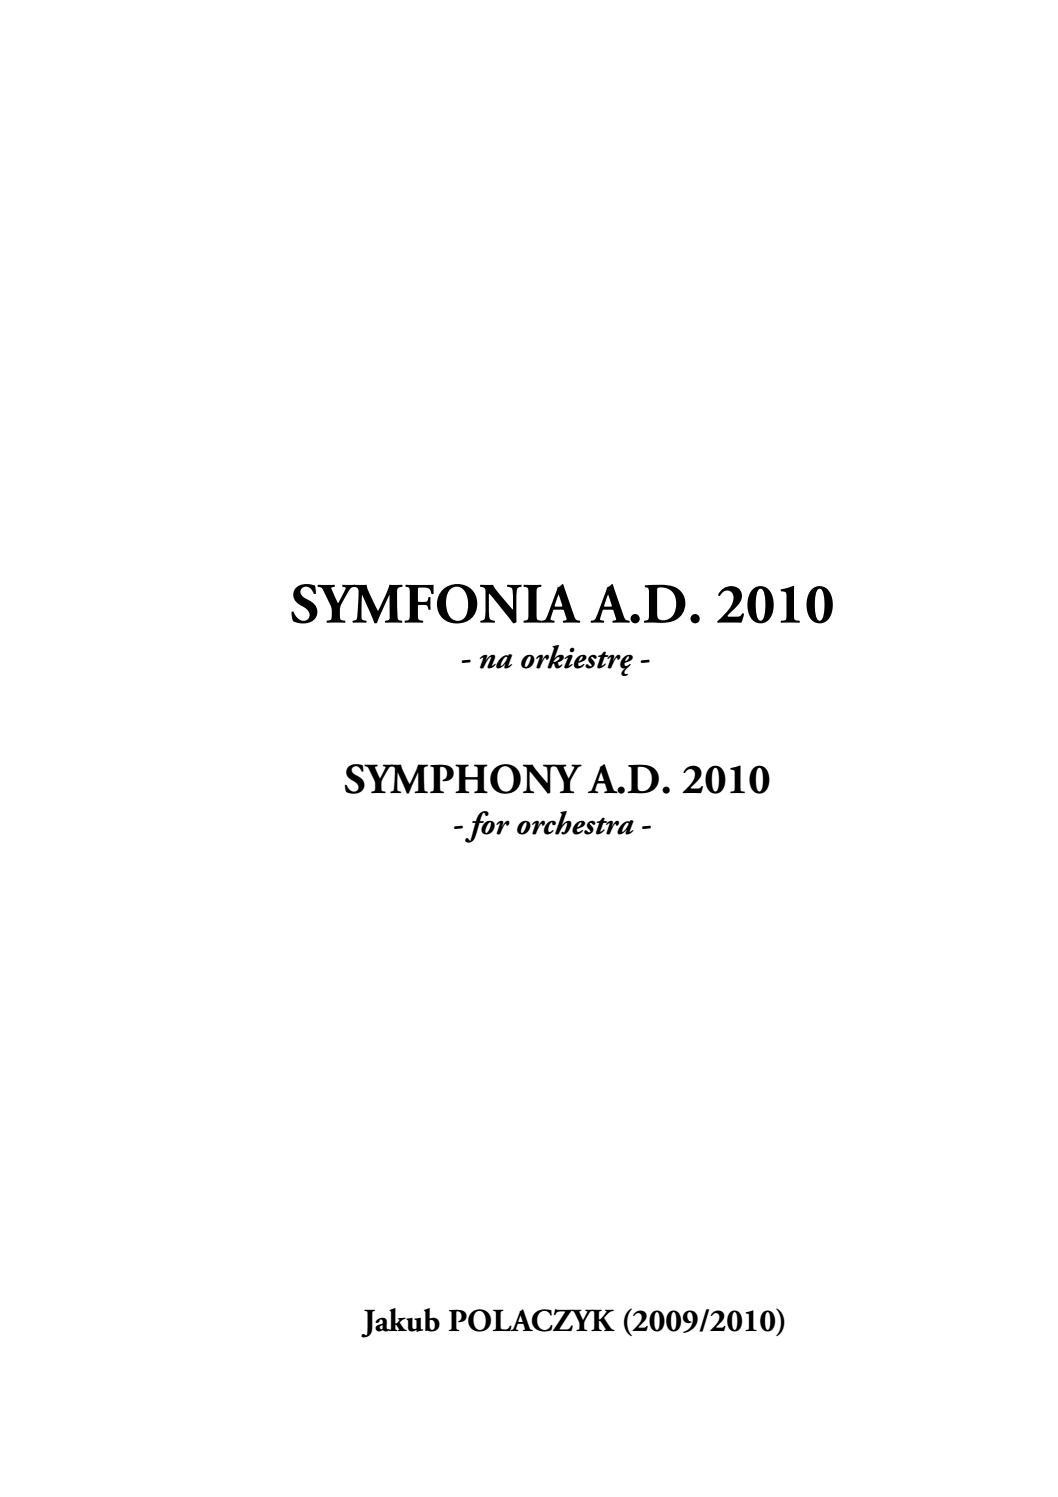 Symphon Ad2010 Polaczyk J By Jakub Polaczyk Issuu